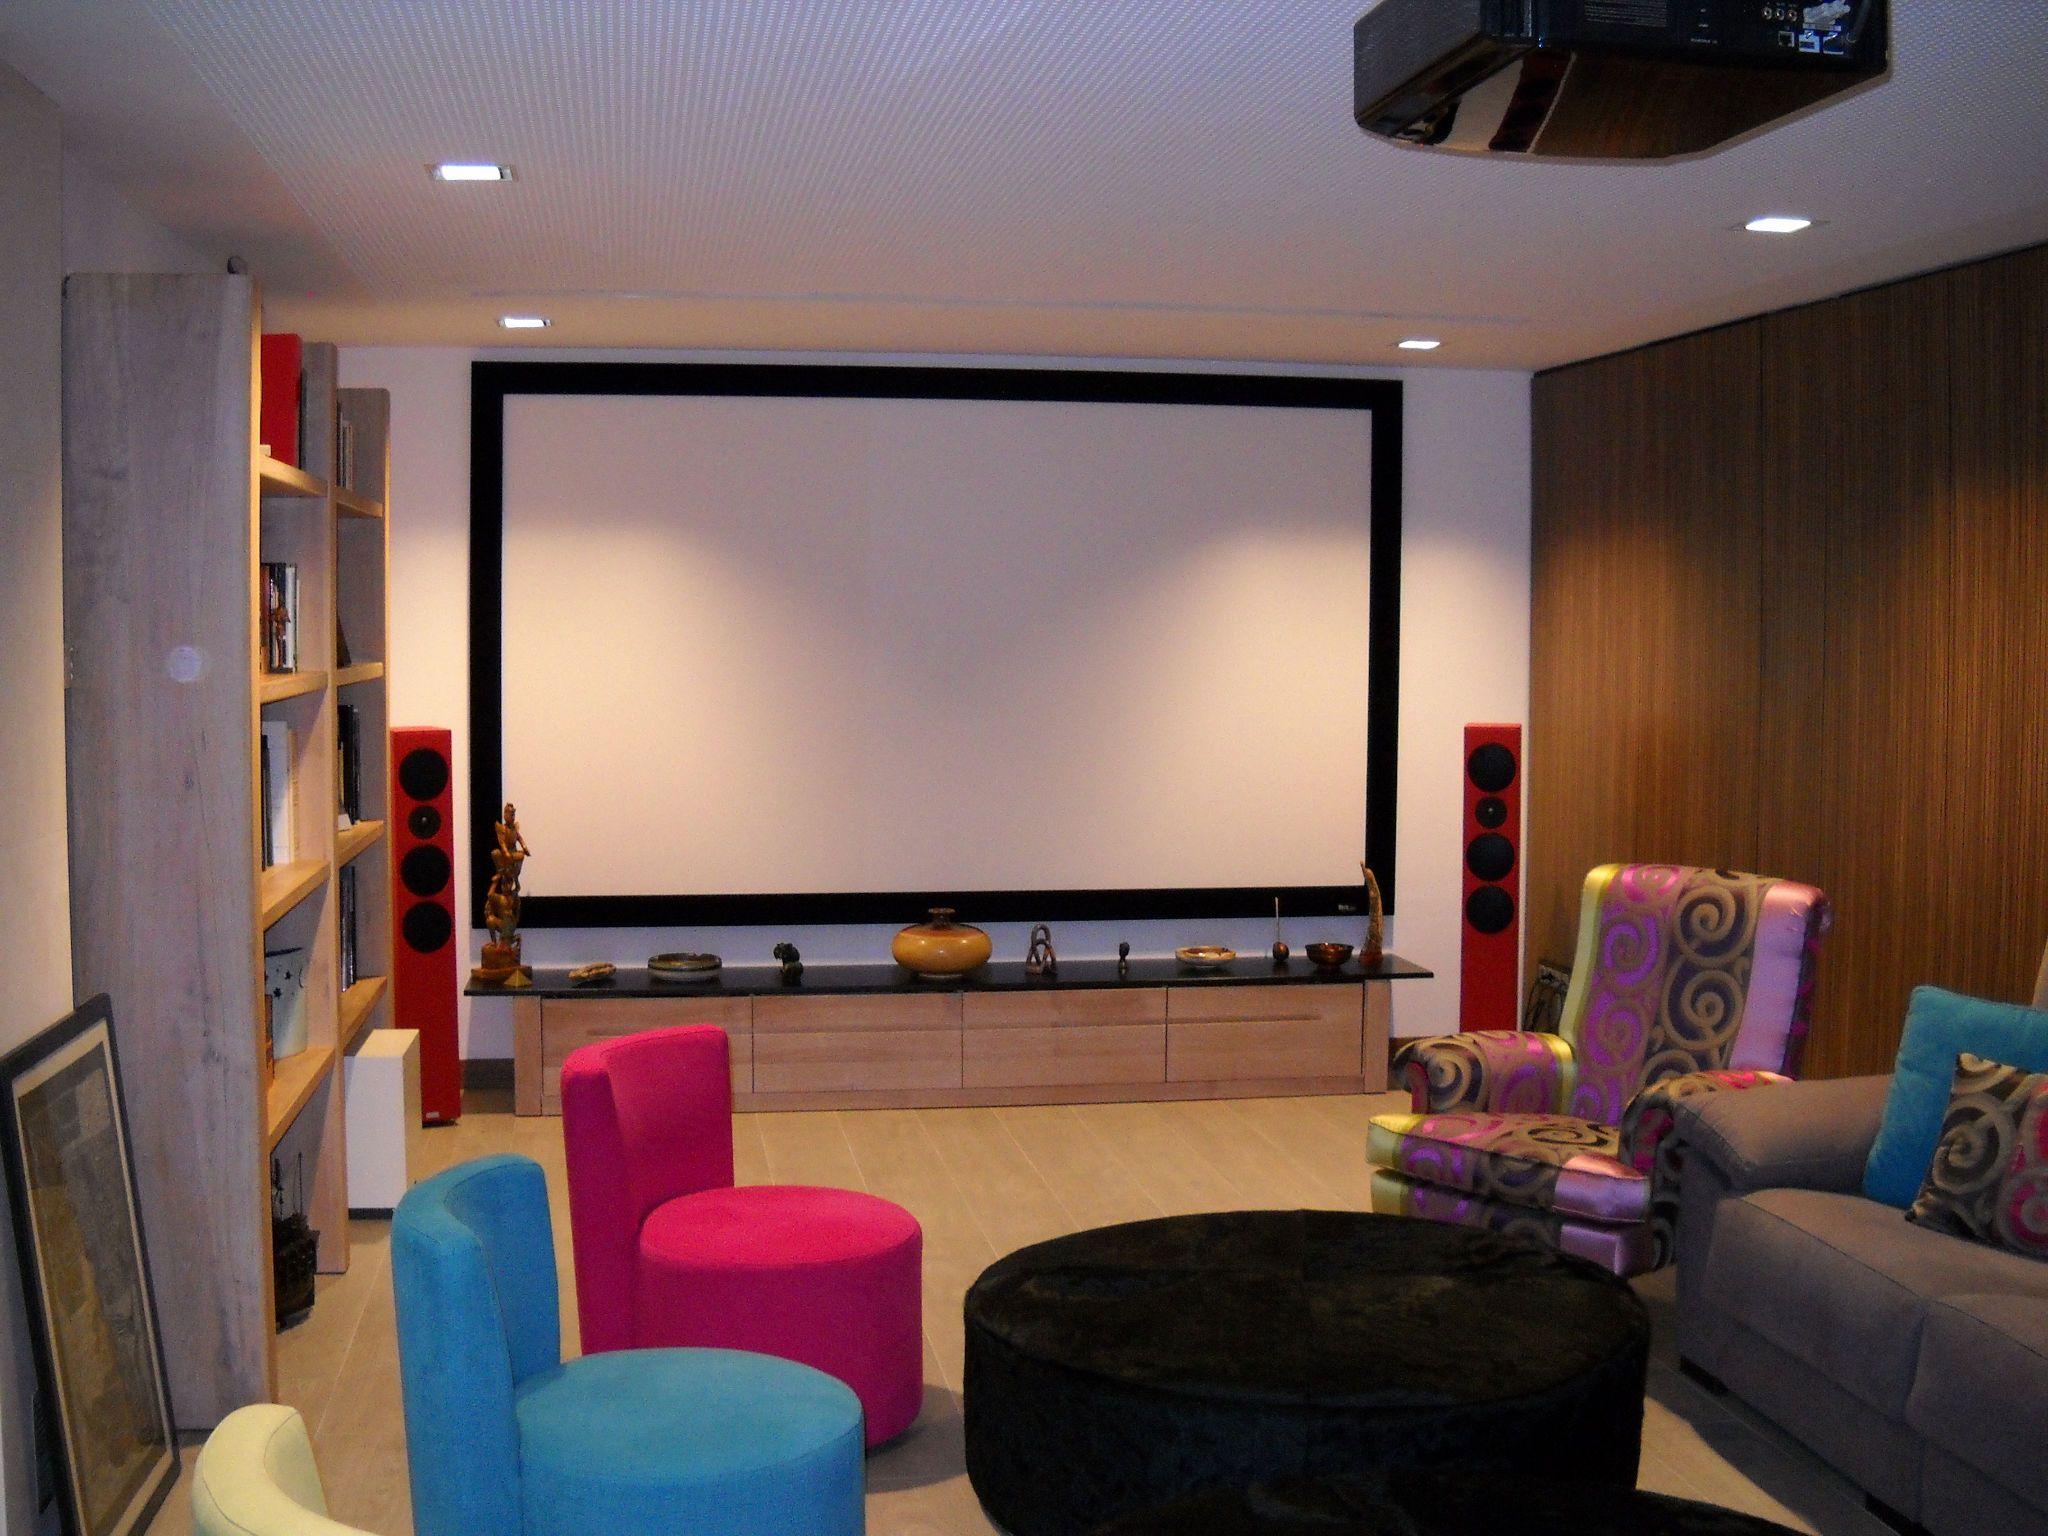 te imaginas tener una sala de cine en casa te contamos